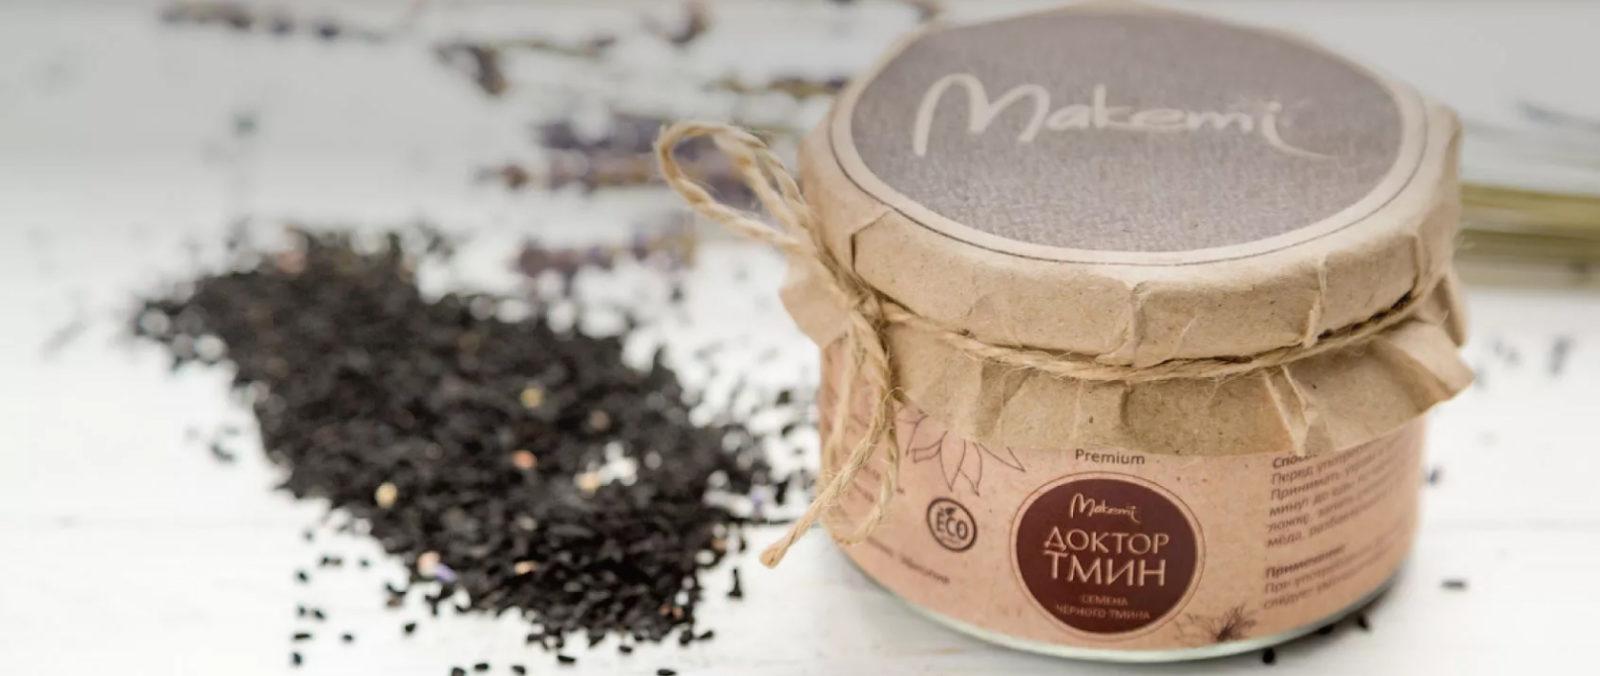 Купить масло черного тмина Доктор Тмин Makemi